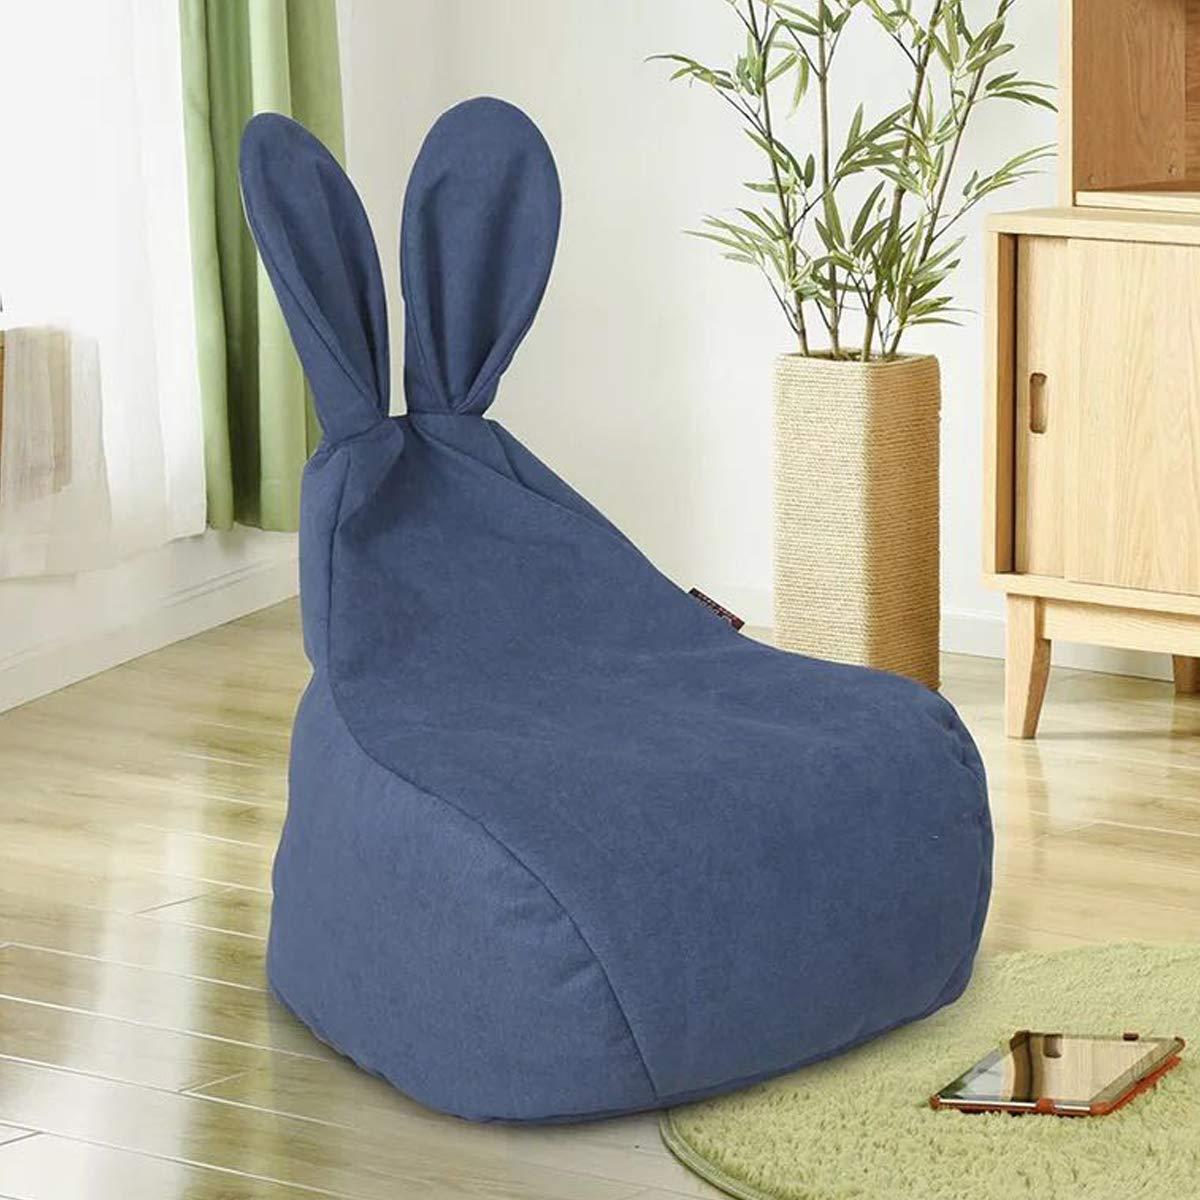 Amazon.com: Univegrow - Sillón de conejo para niños, cómodo ...